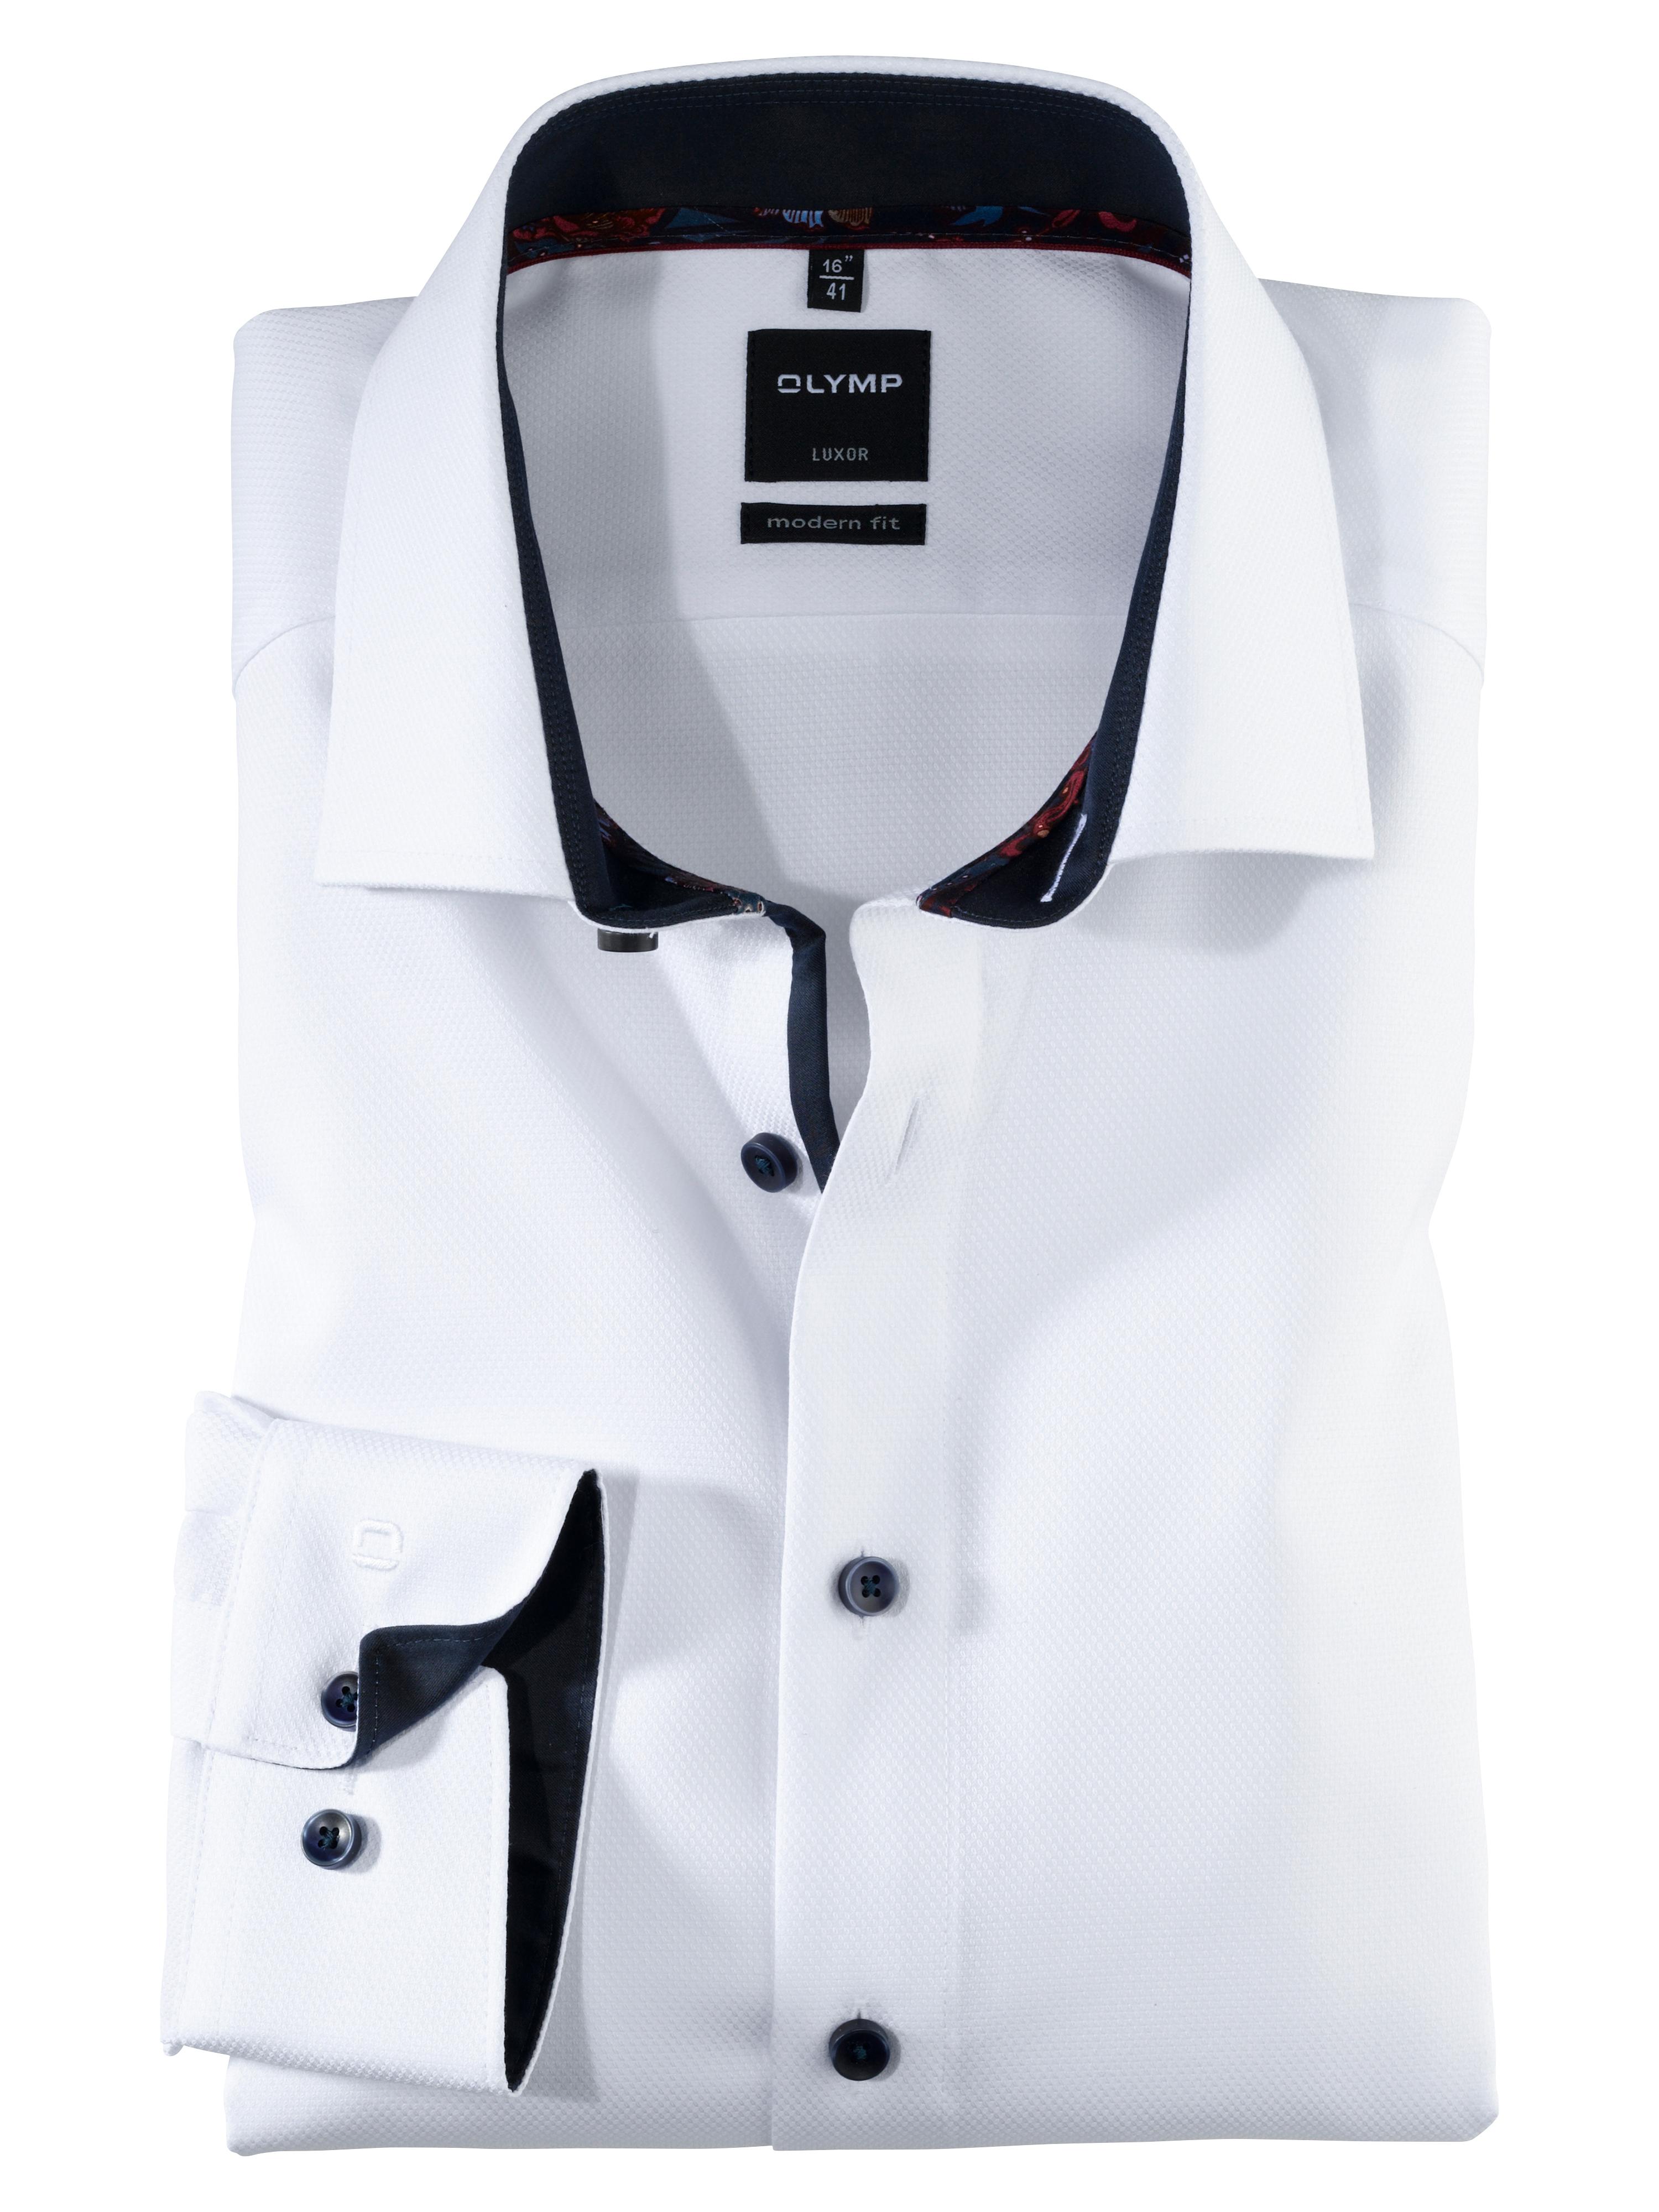 OLYMP Luxor Hemd, modern fit, Extra kurzer Arm, Weiß, 47   Bekleidung > Hemden > Sonstige Hemden   Weiß   Baumwolle   OLYMP